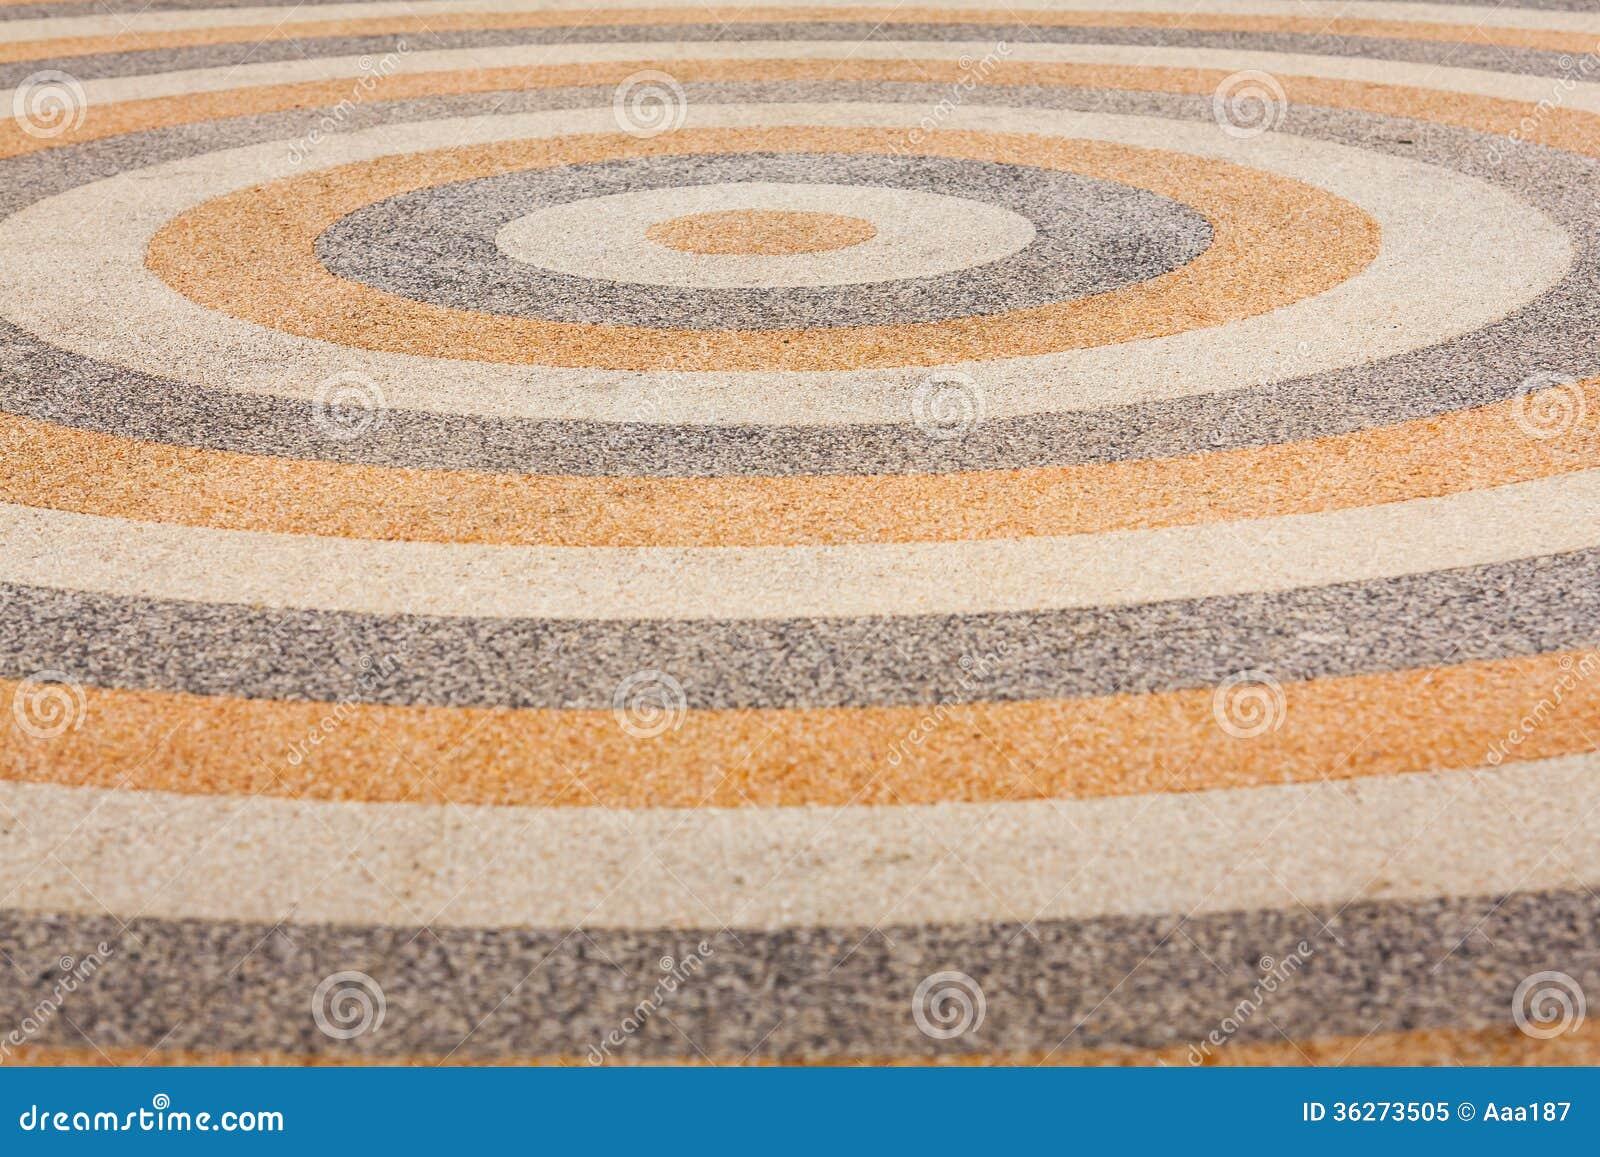 Soggiorno tra classico e moderno for Progettazione del layout del pavimento